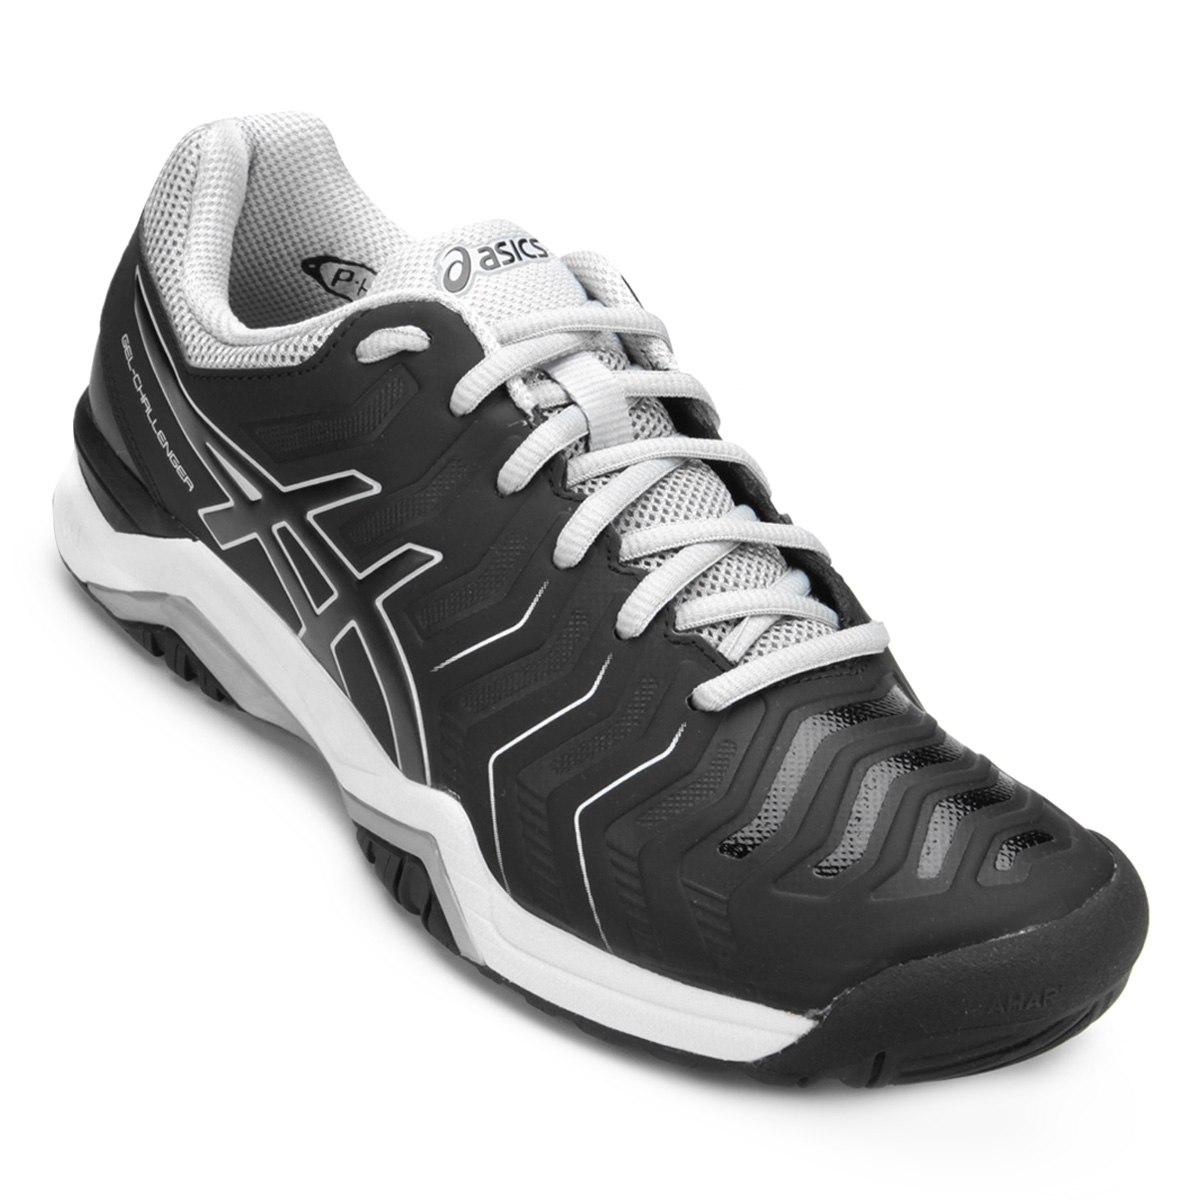 Tenis Asics Gel-challenger 11 Clay